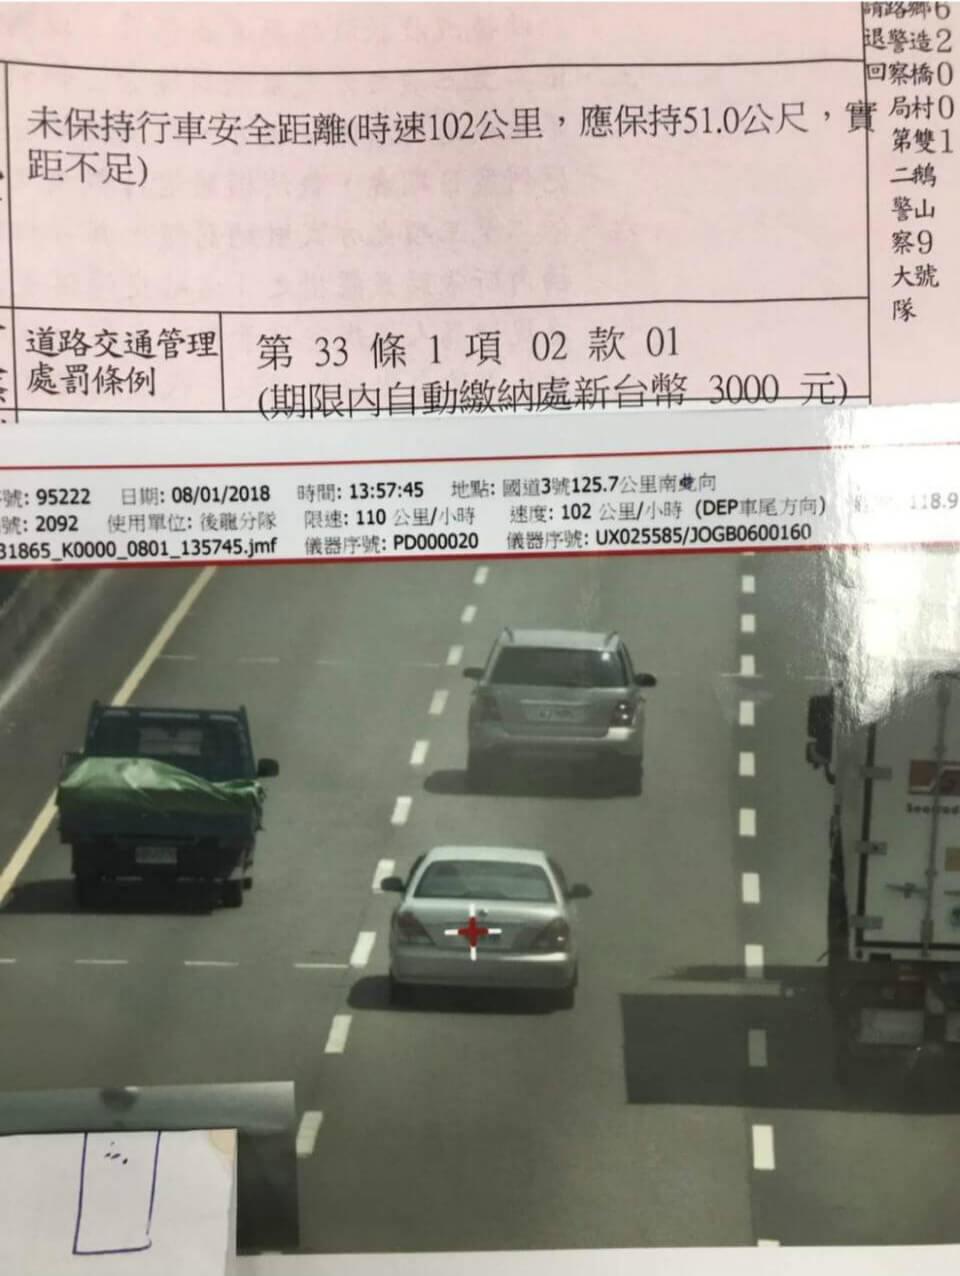 網路流傳的罰單圖片。